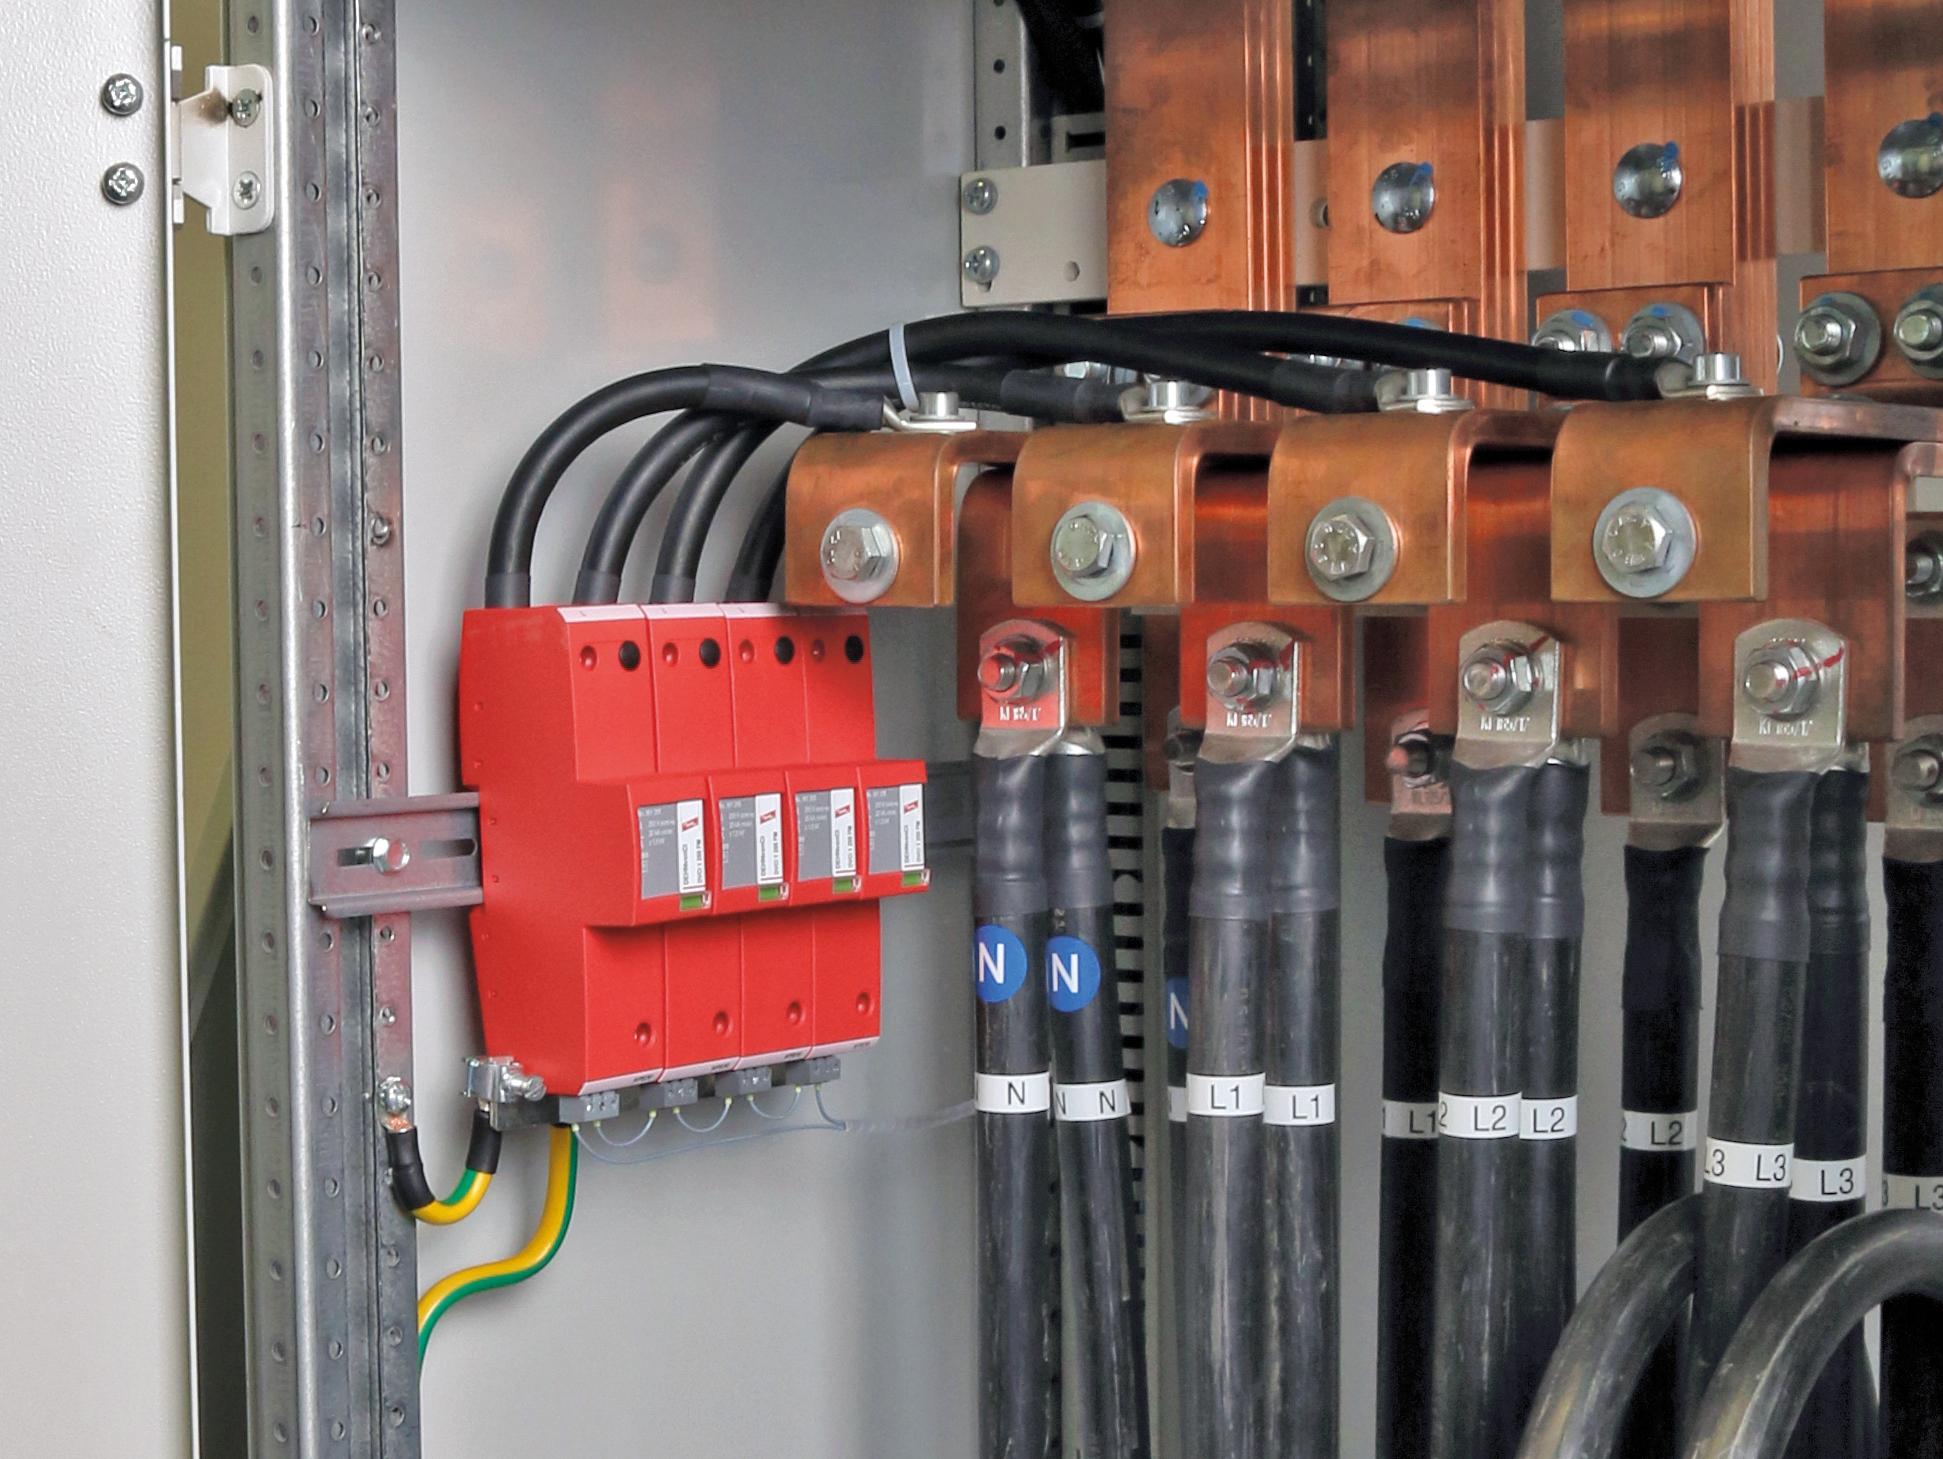 Blitz-und Überspannungsschutz für Niederspannungs-Schaltgerätekombinationen (Bild: Dehn + Söhne GmbH + Co. KG)